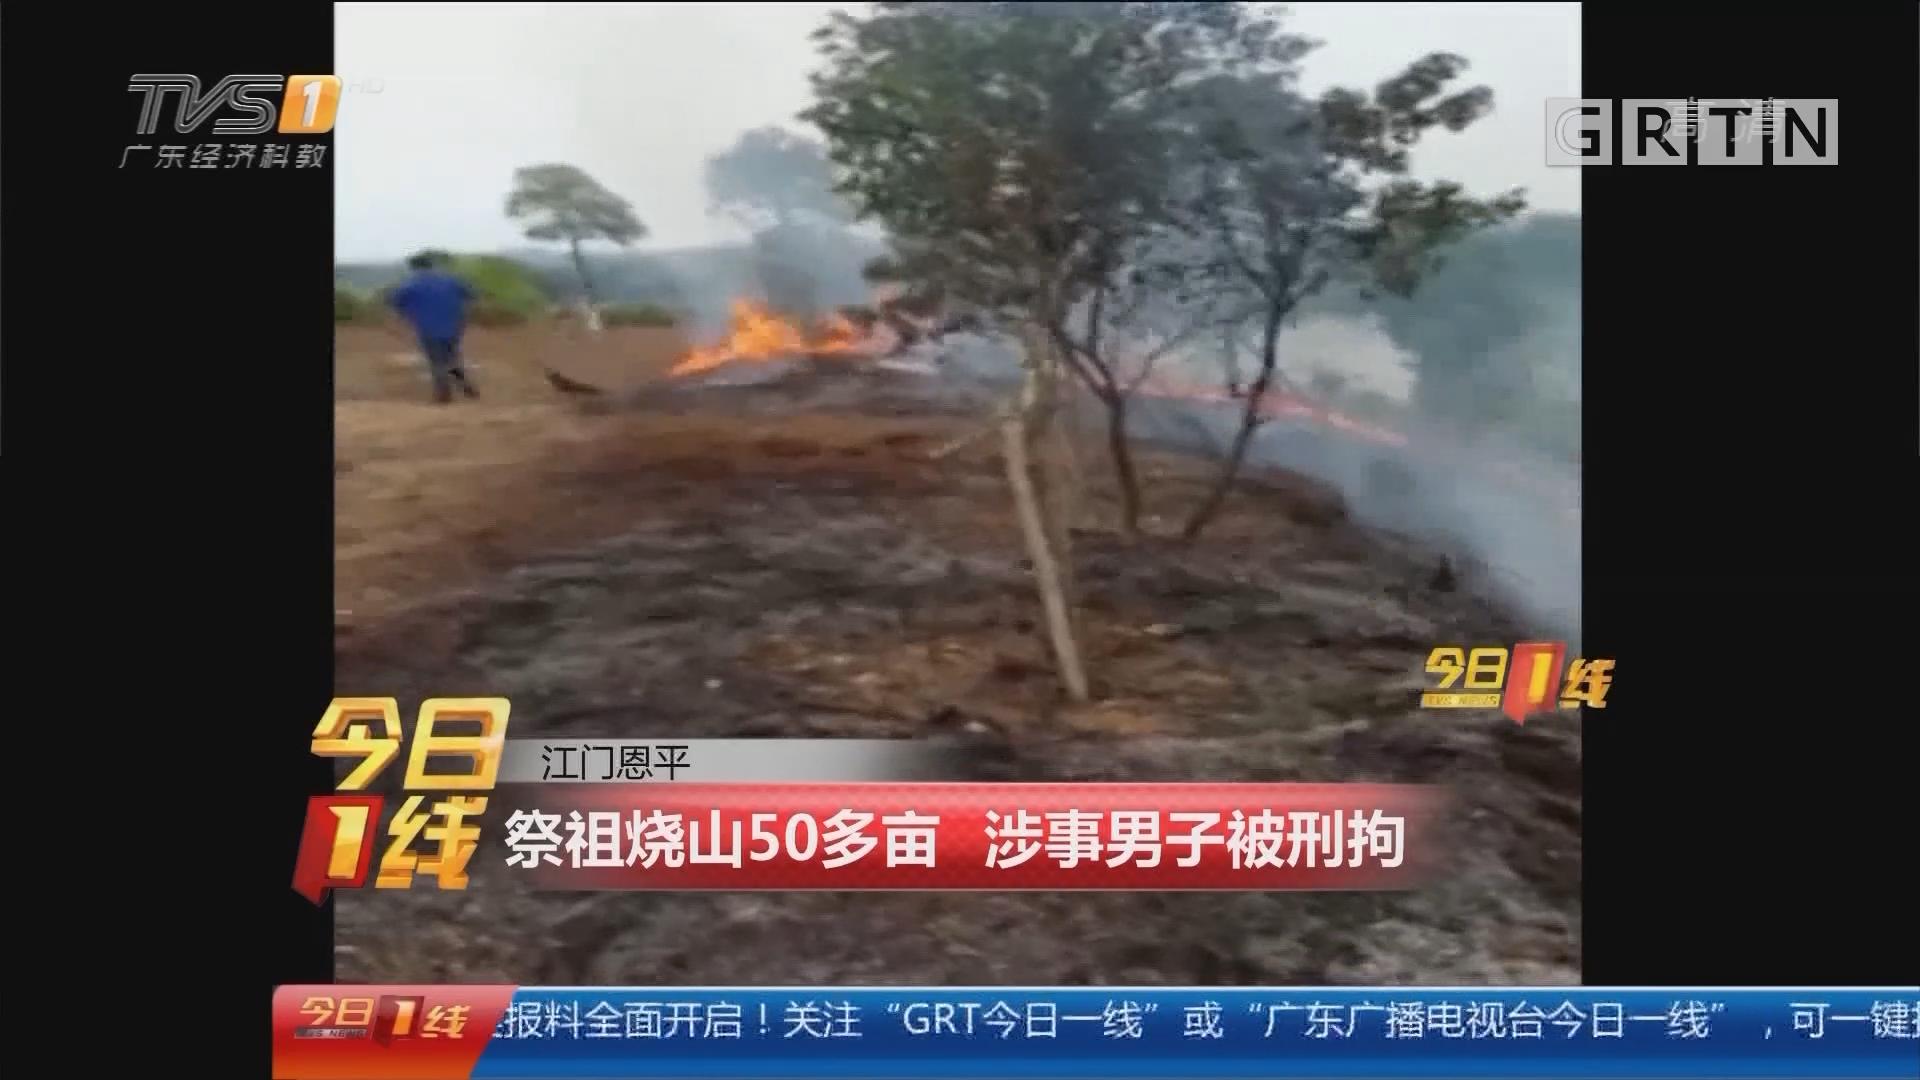 江门恩平:祭祖烧山50多亩 涉事男子被刑拘